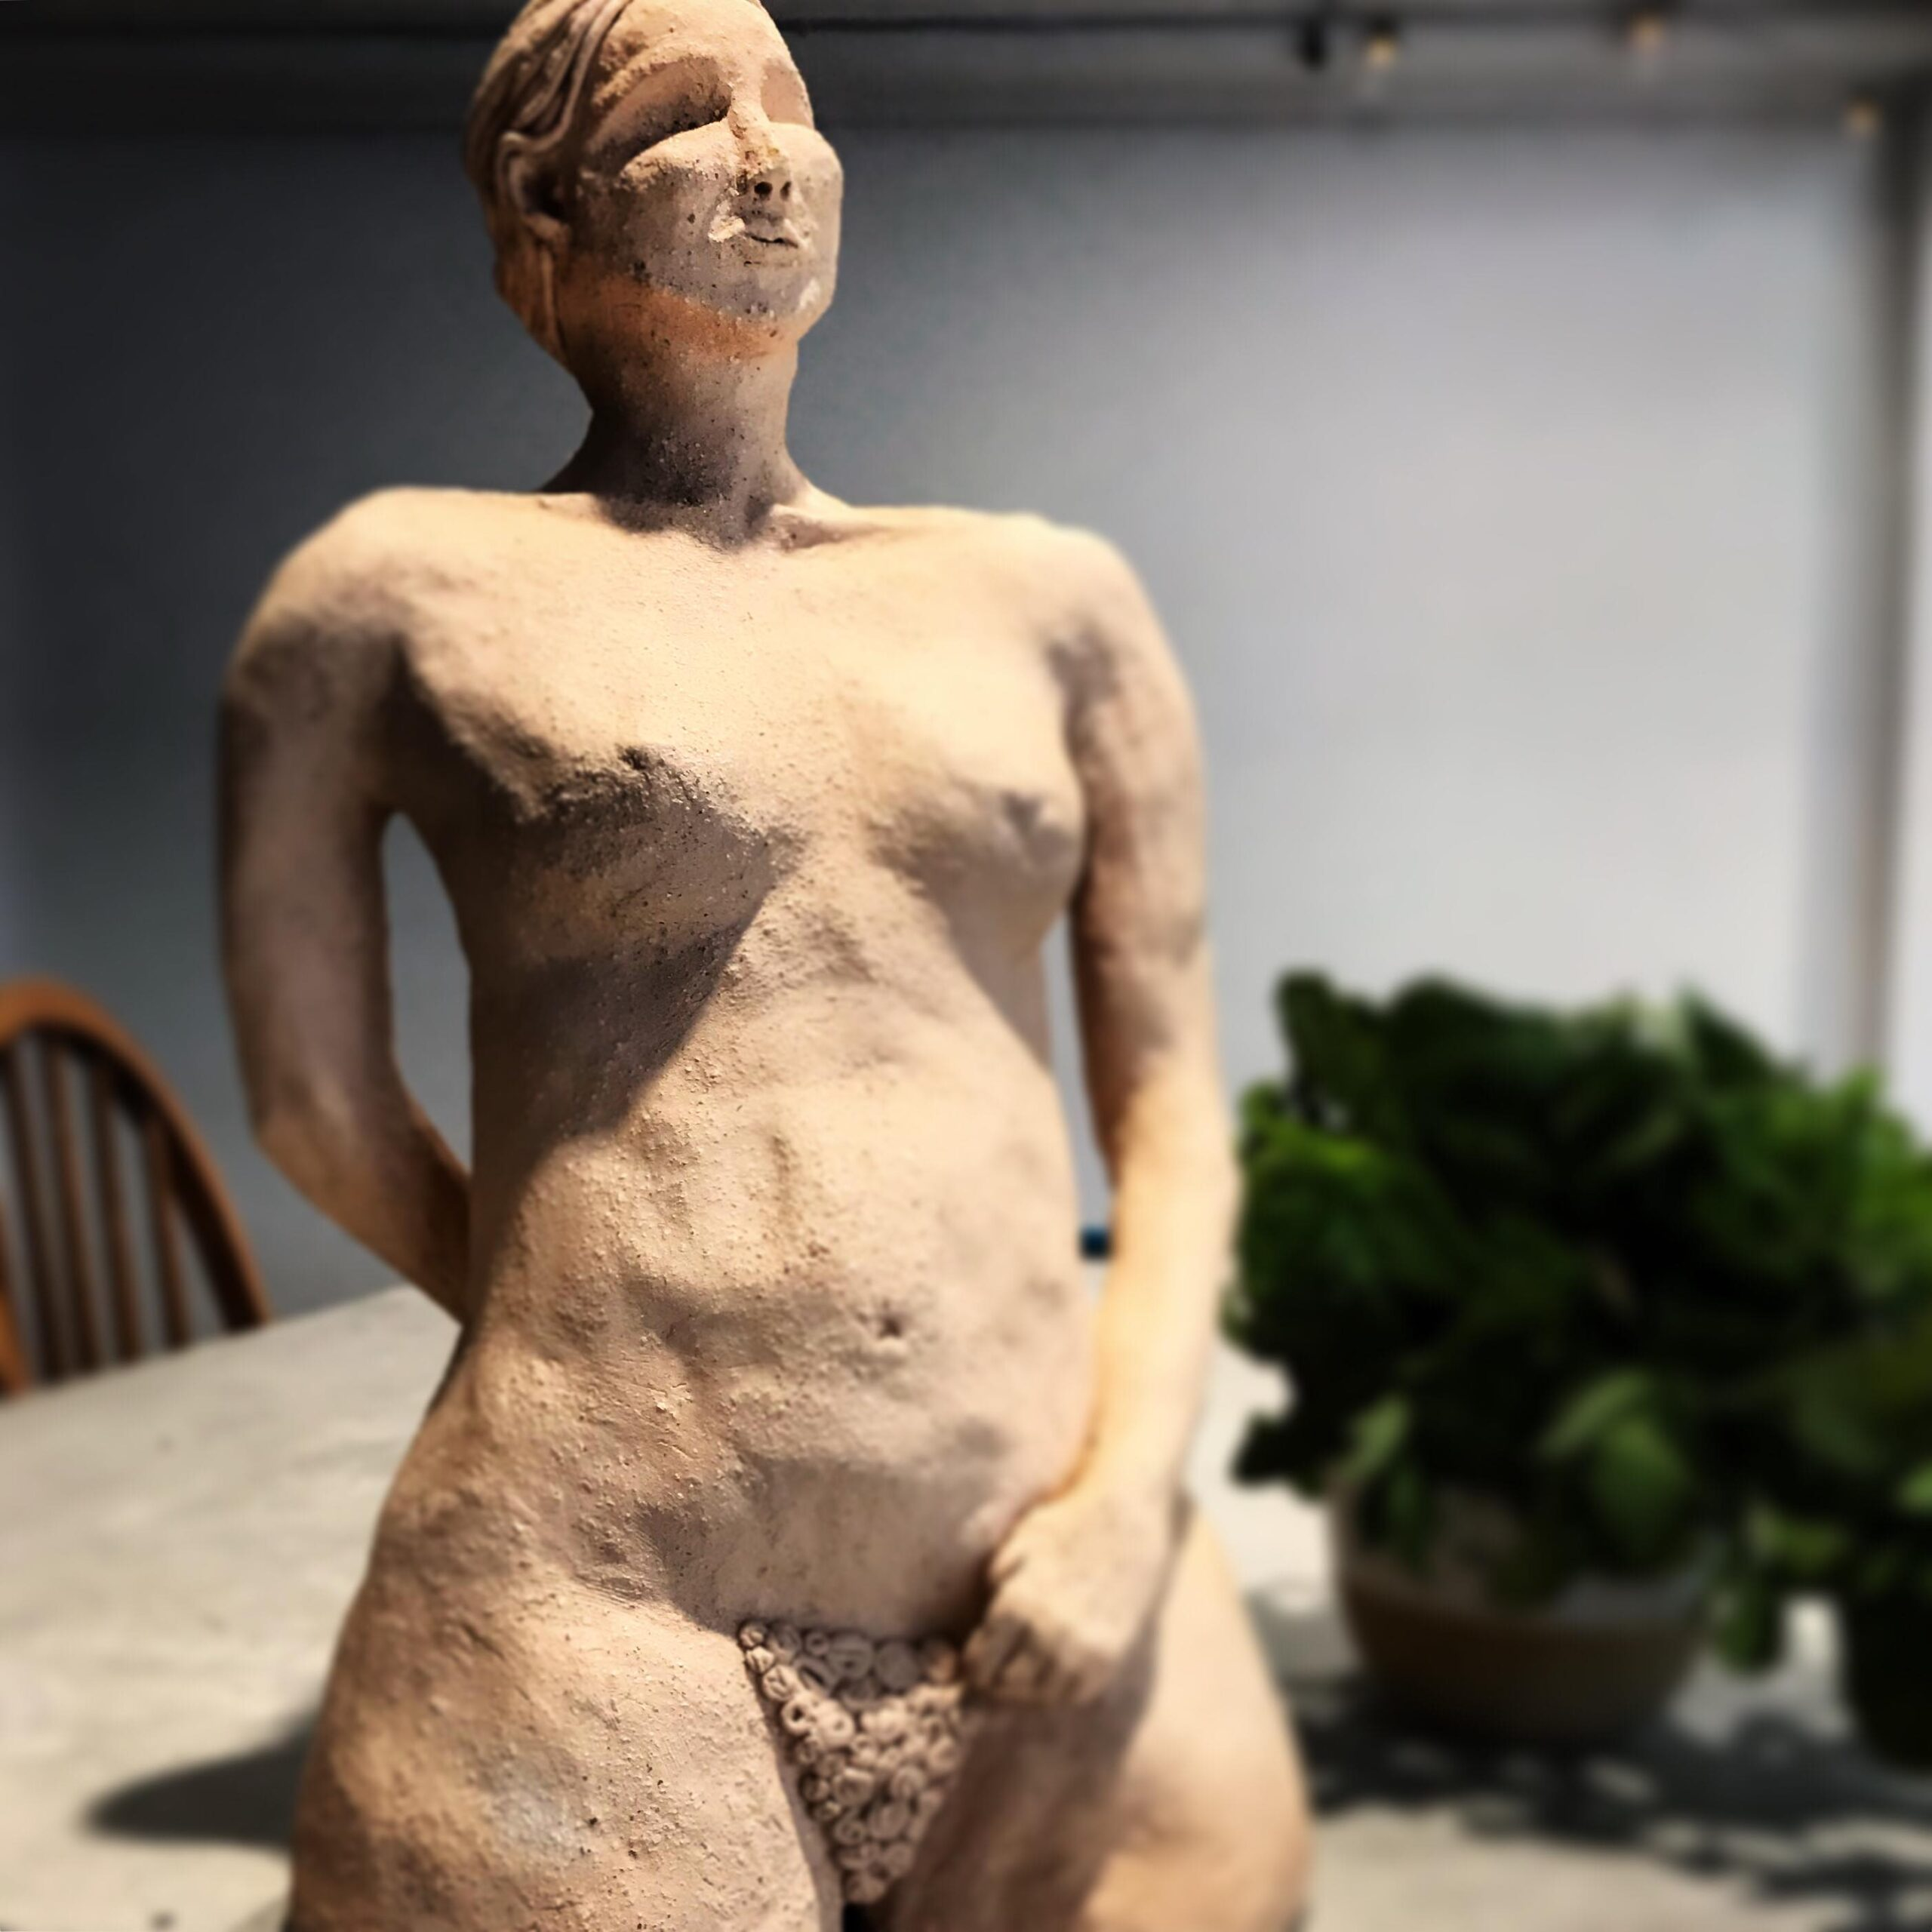 Female Figure - Centered Ceramics